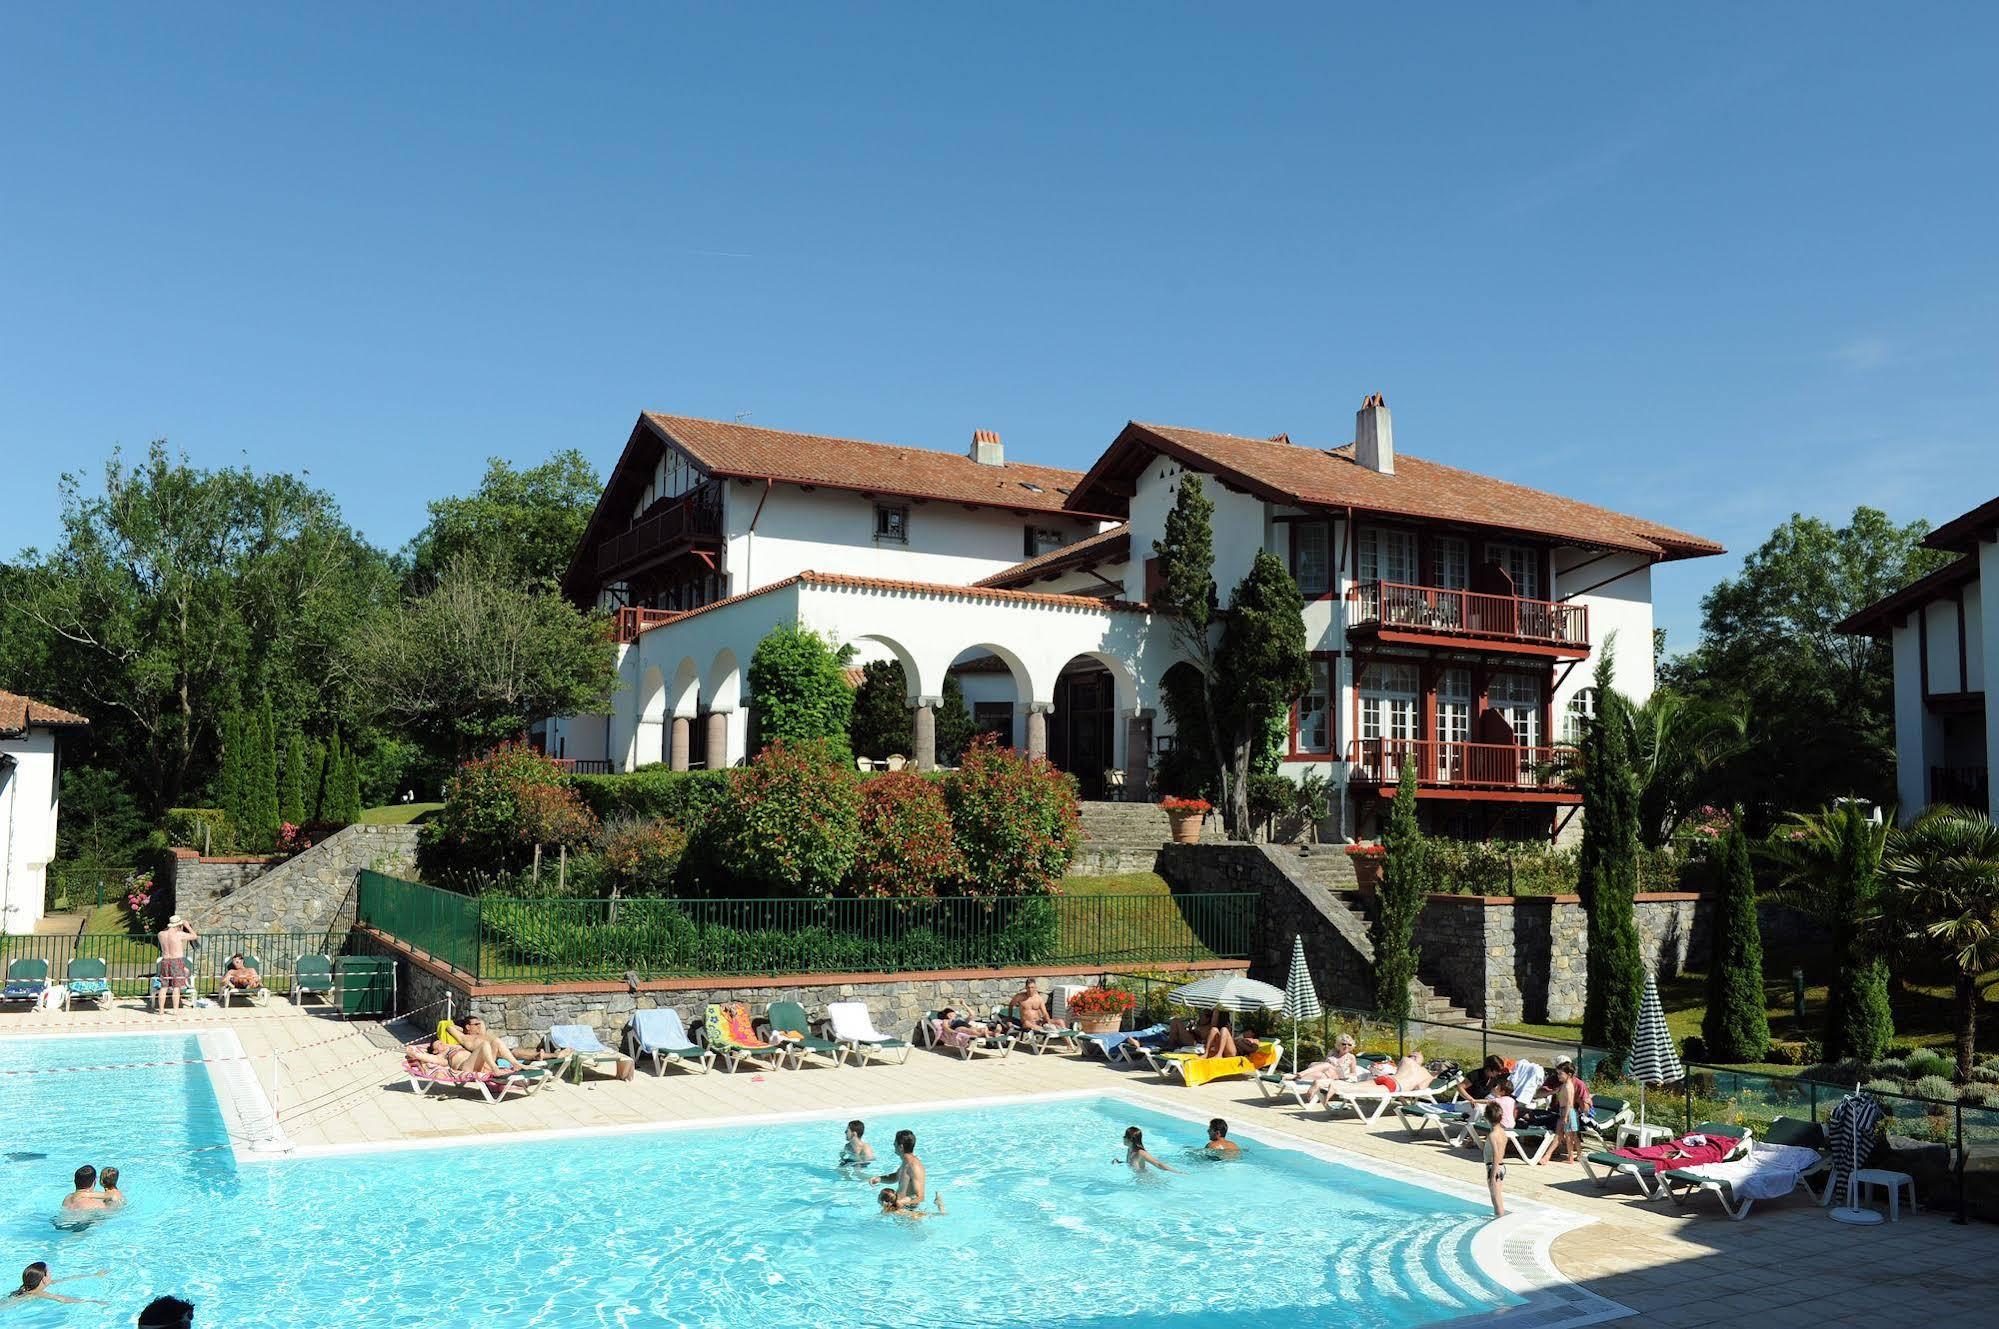 Pierre & Vacances La Villa Maldagora